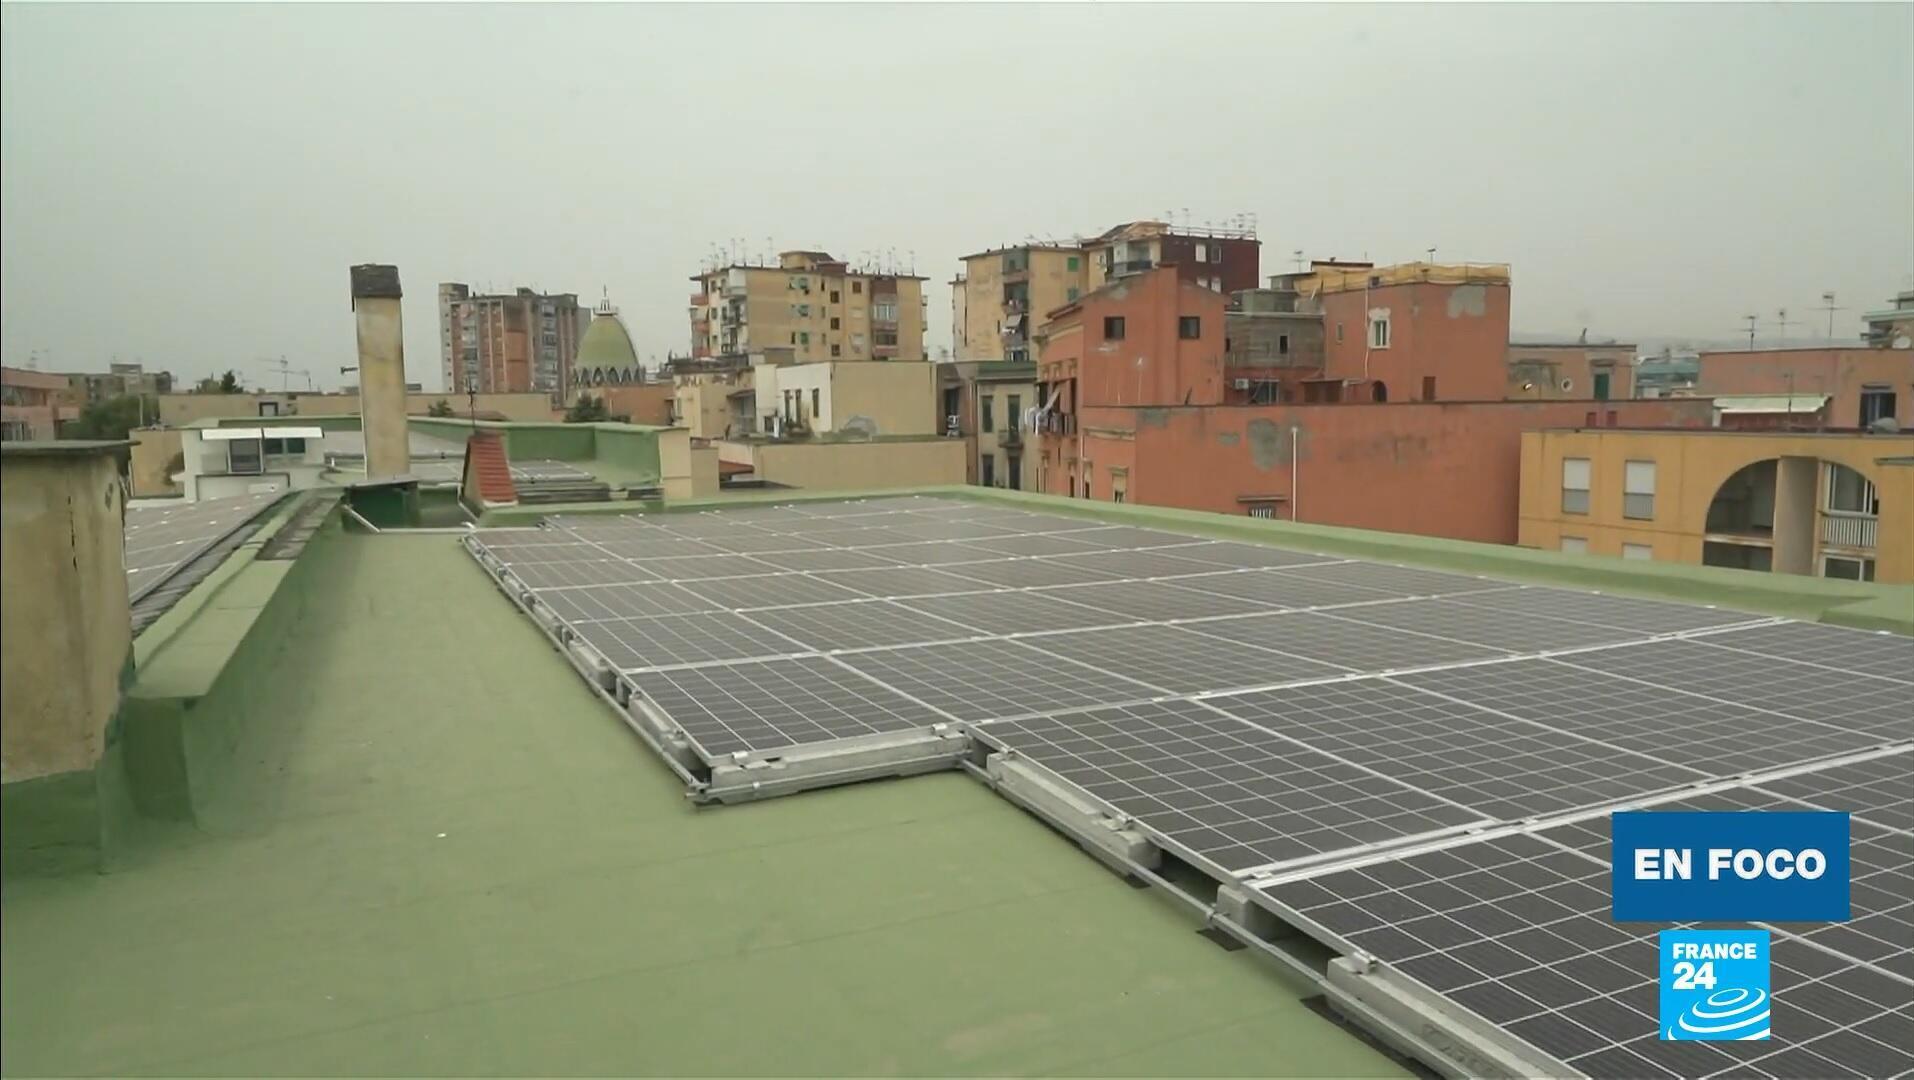 En Foco - paneles solares Italia